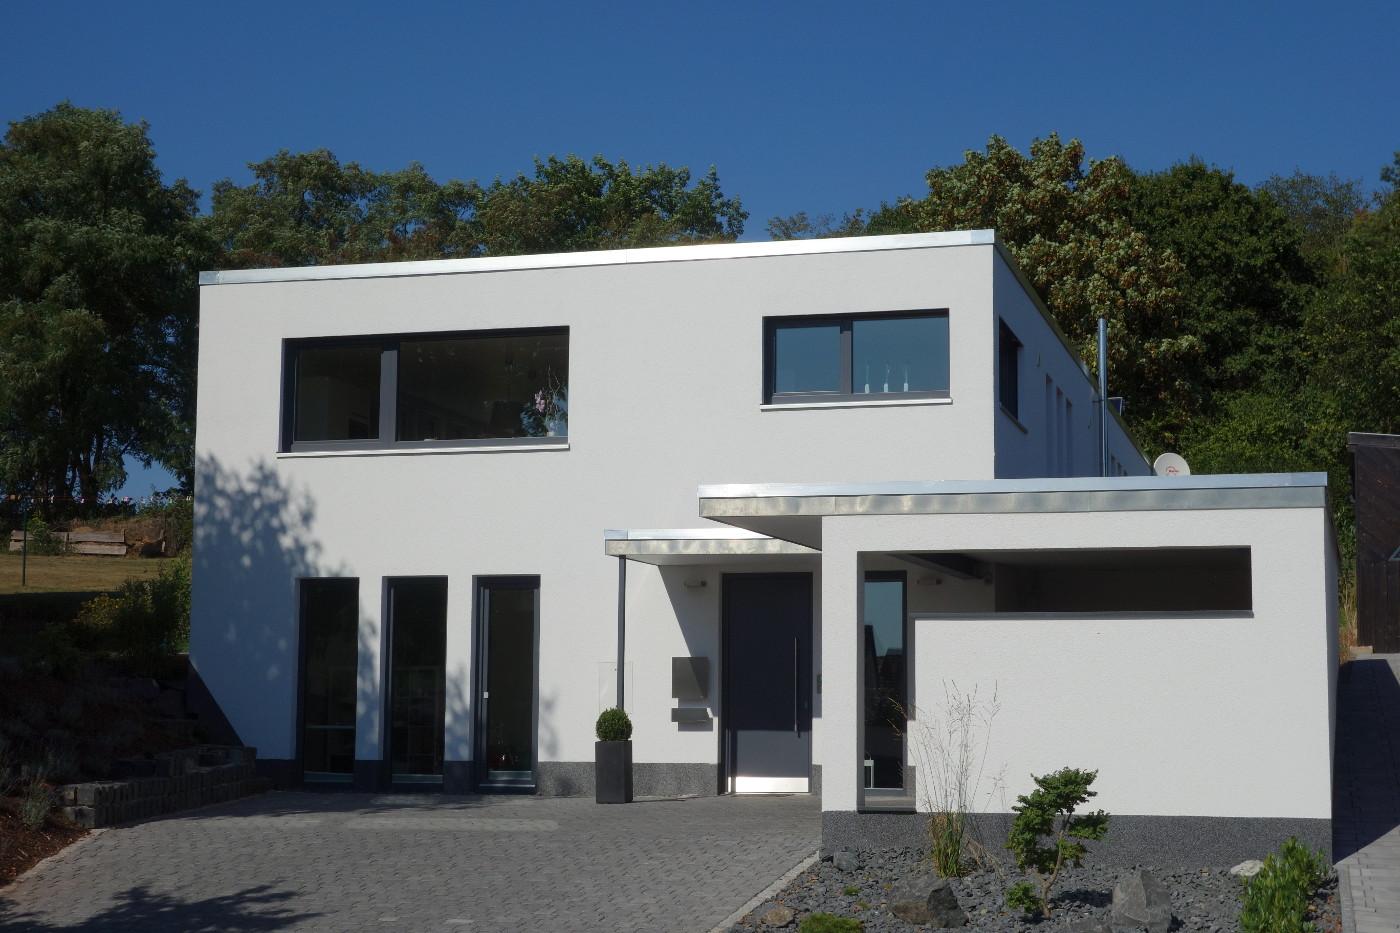 Moderne einfahrten einfamilienhaus  Architekturbüro Studio L2 - Inh. Dirk Lücke